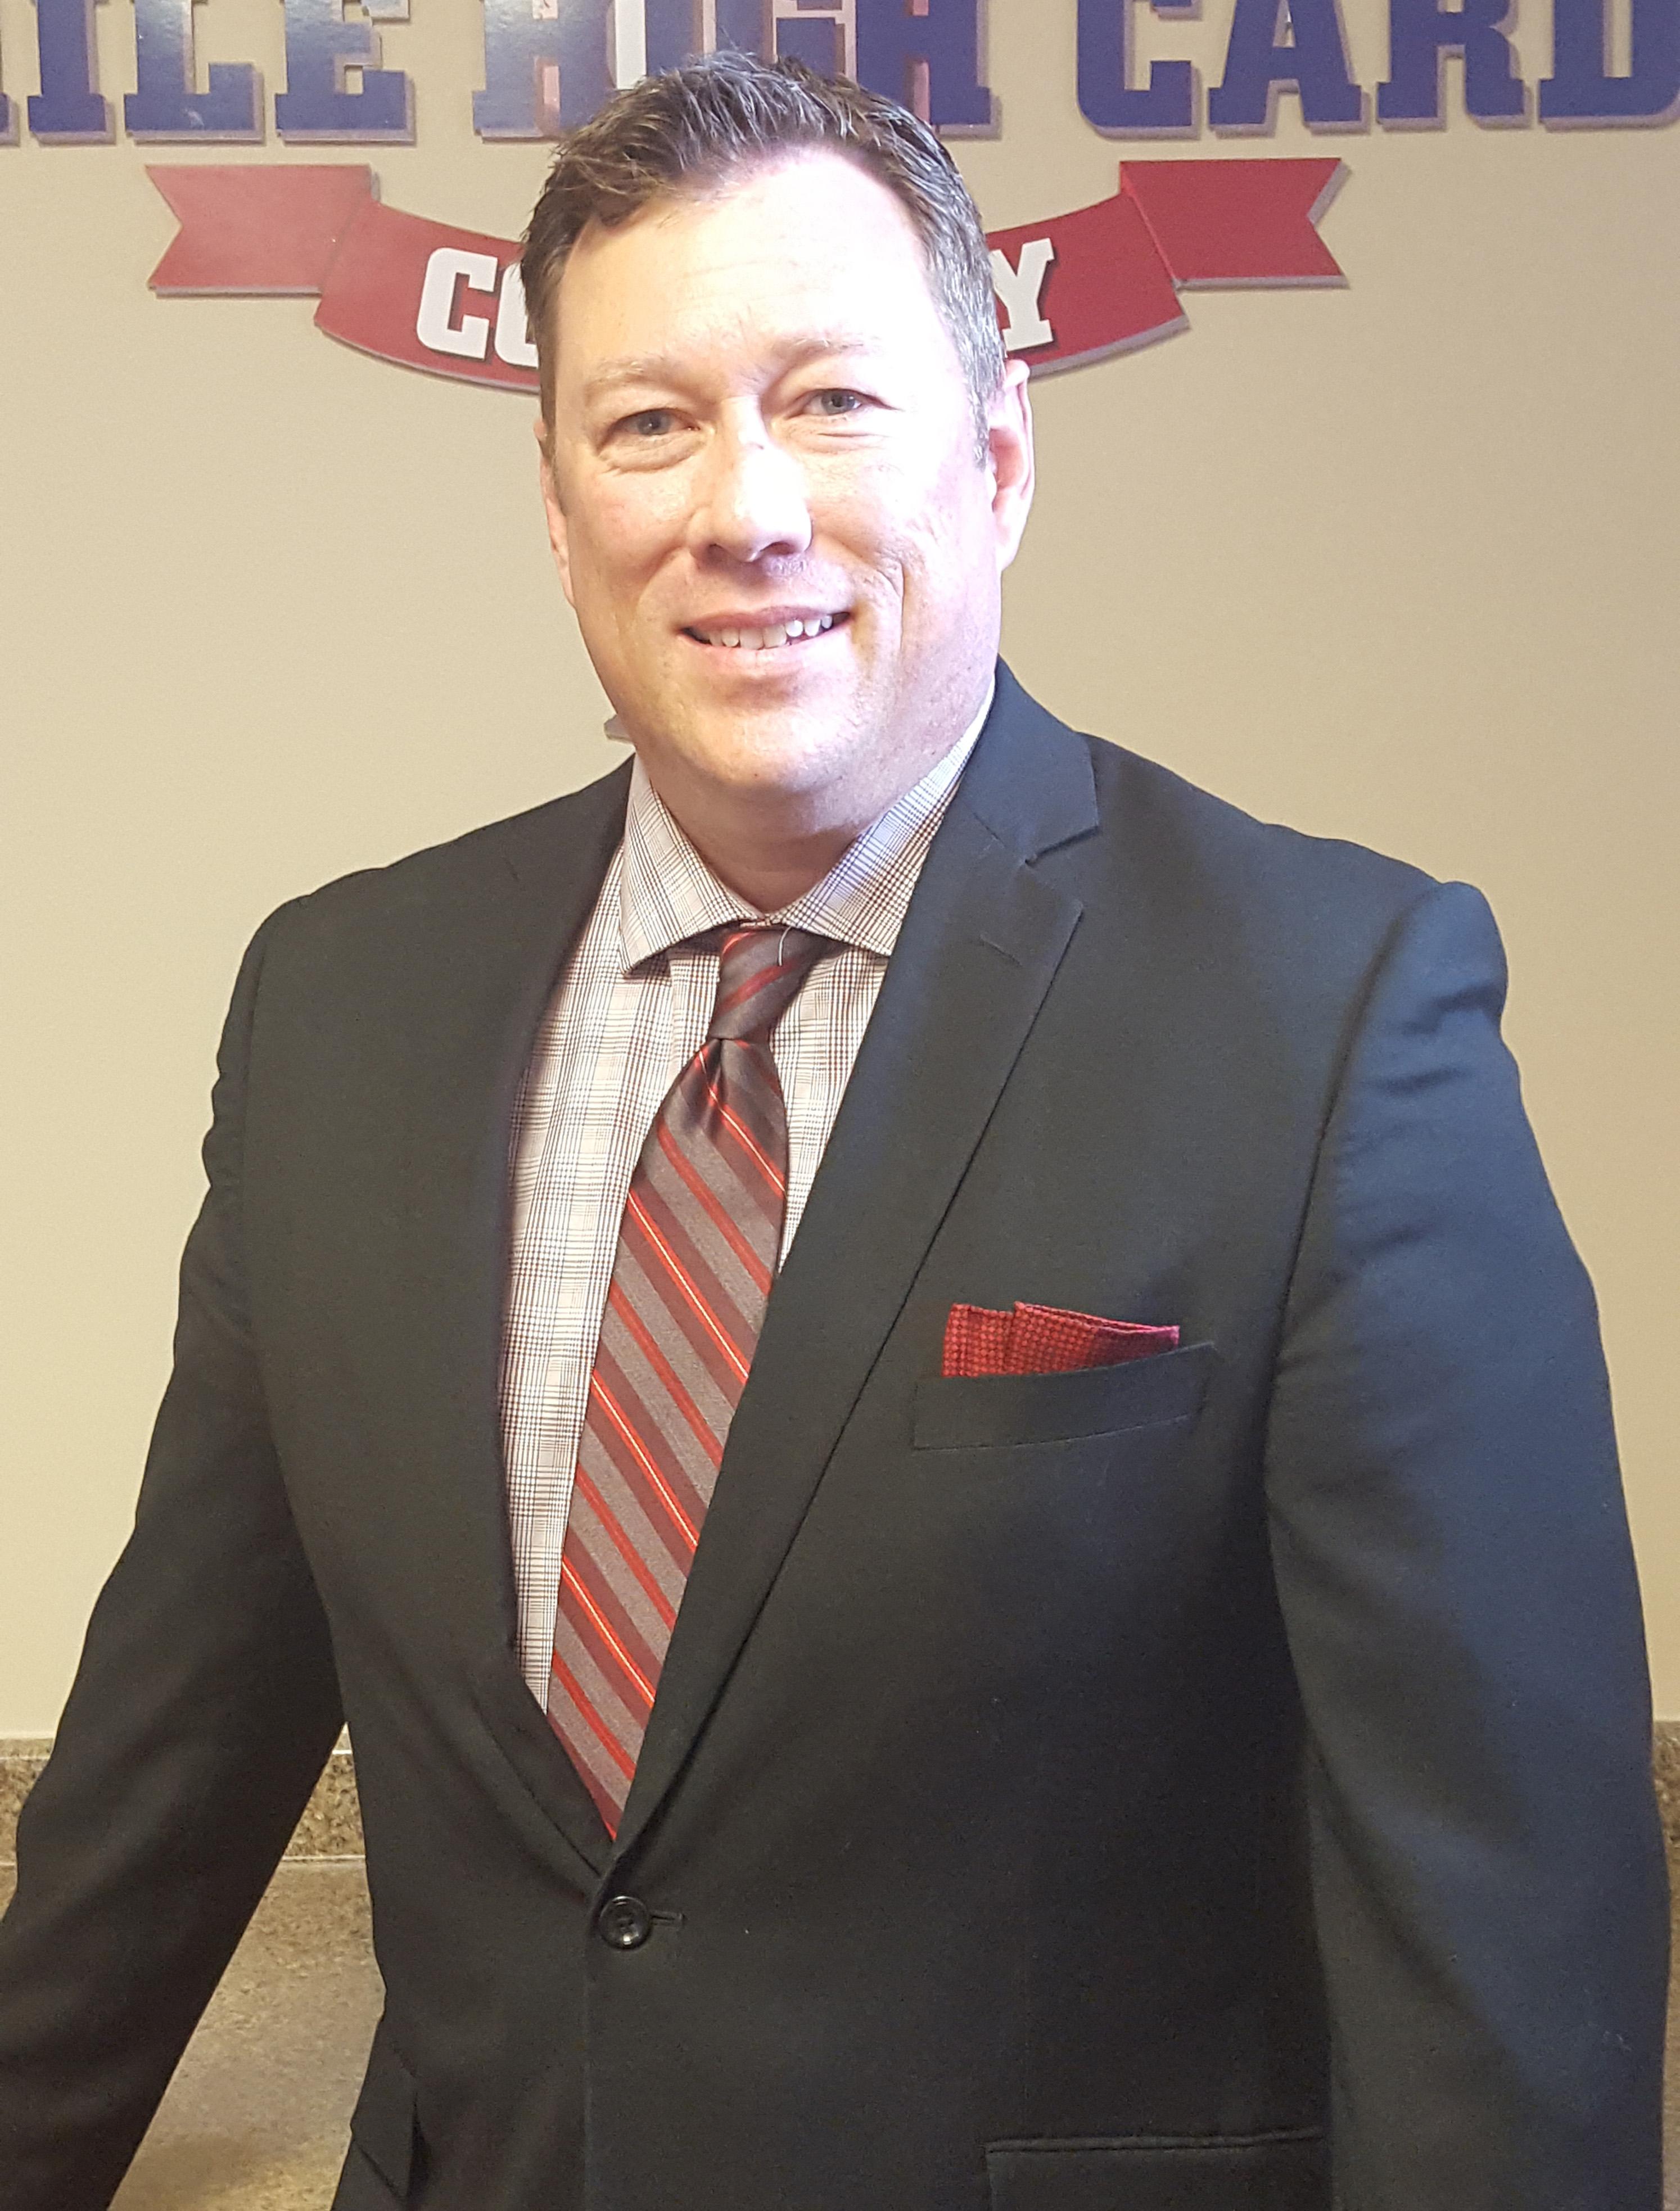 Brian Drent, President